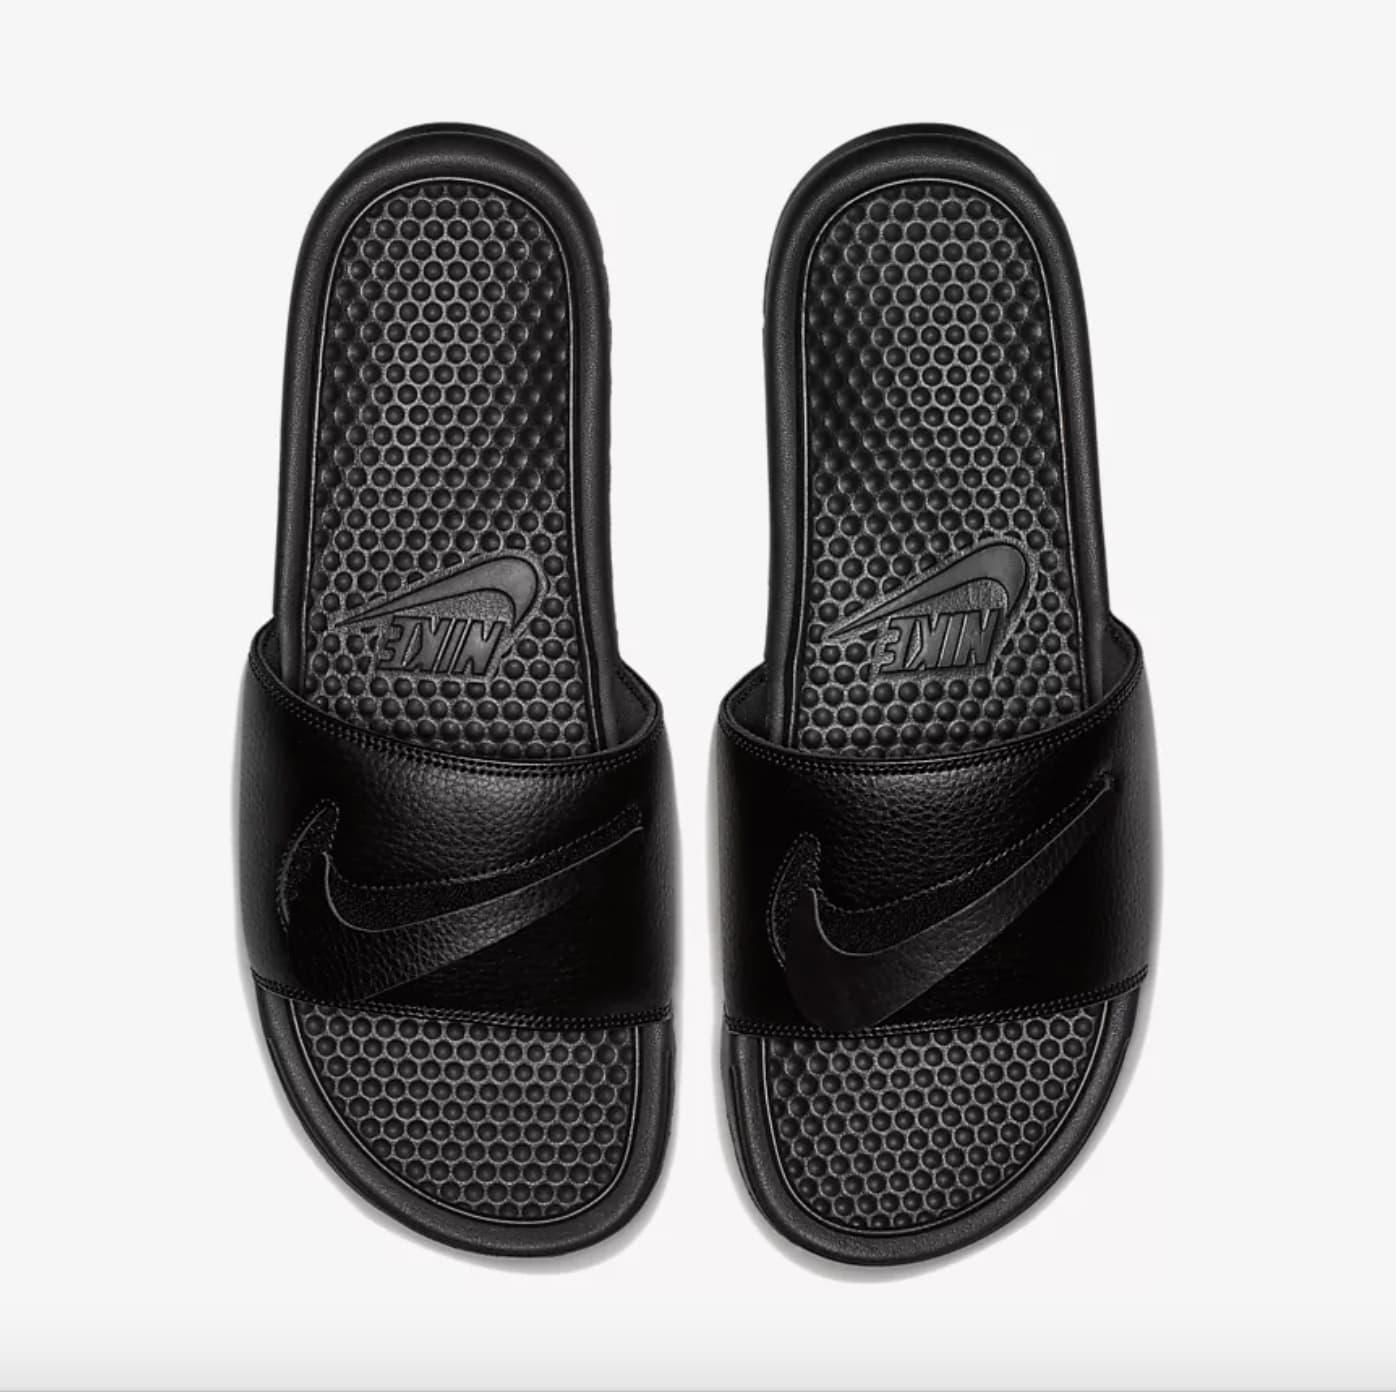 Nike Benassi JDI LTD 'Black' AQ8614-001 2